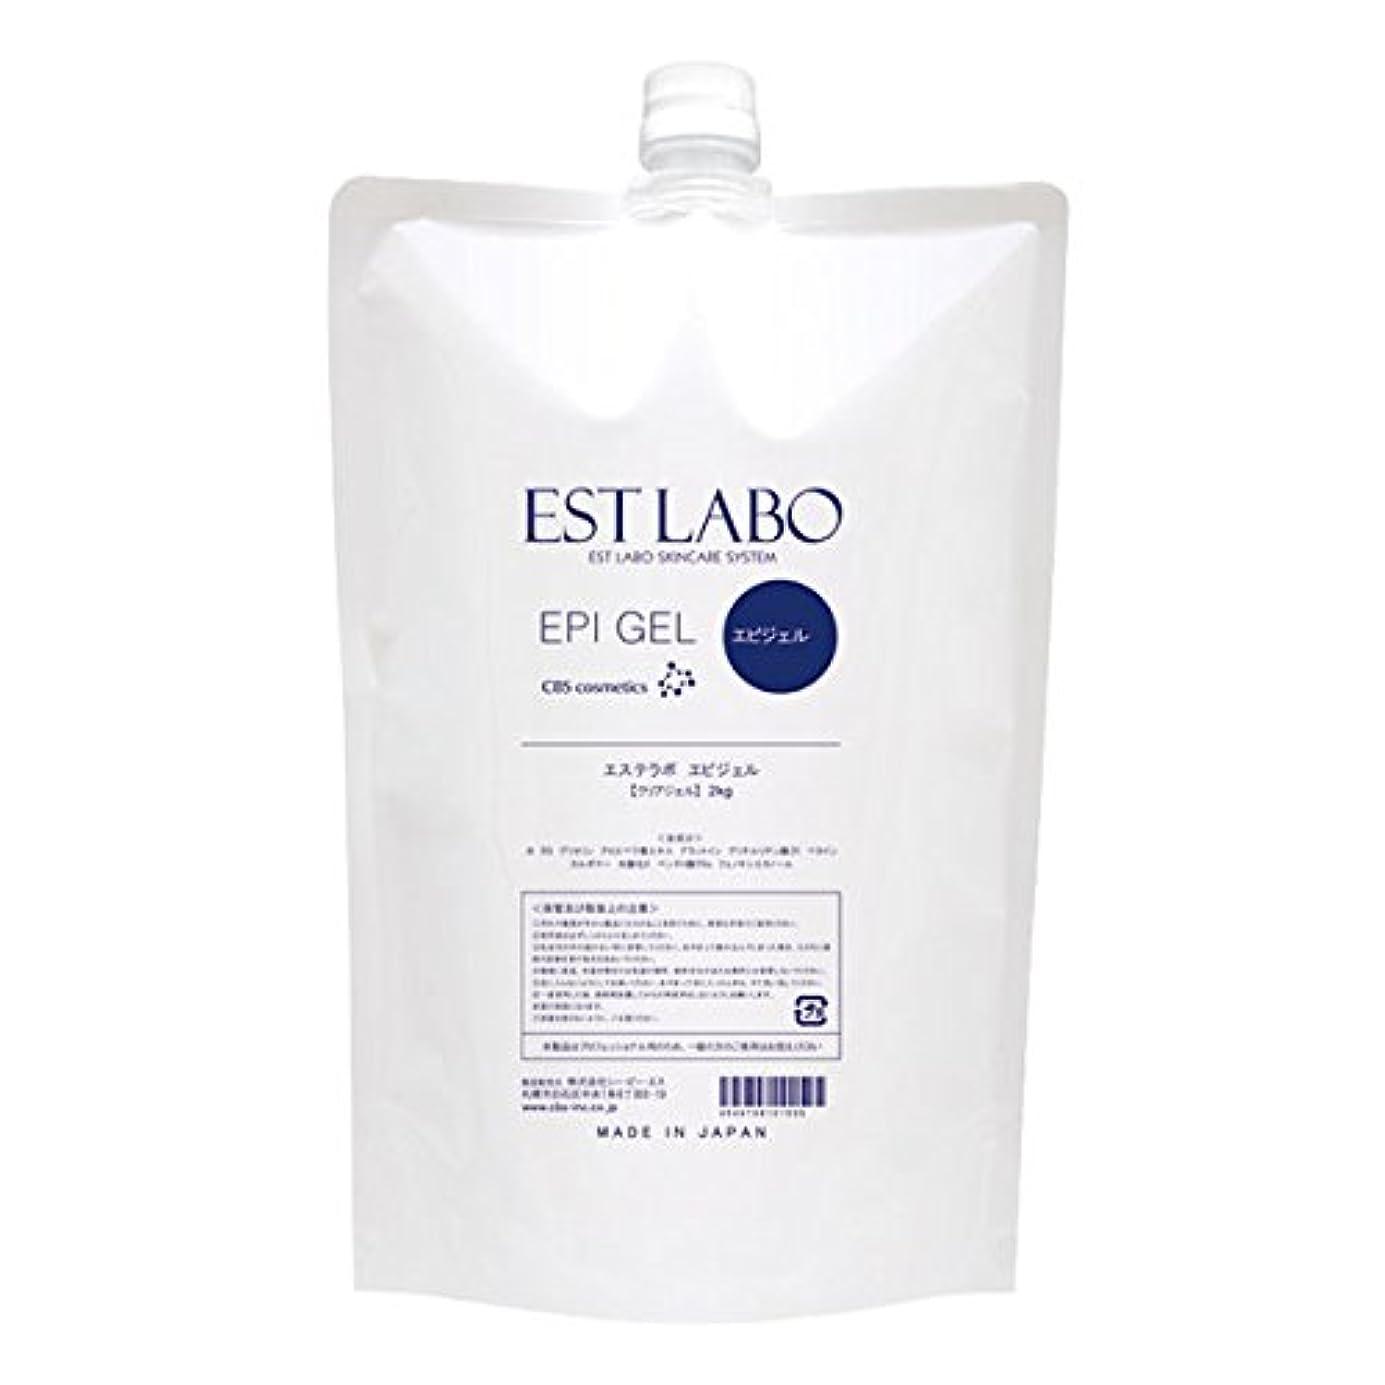 買う文発表脱毛 EST LABO エピジェル(1袋?2kg)×2 合計2袋?4kg 業務用